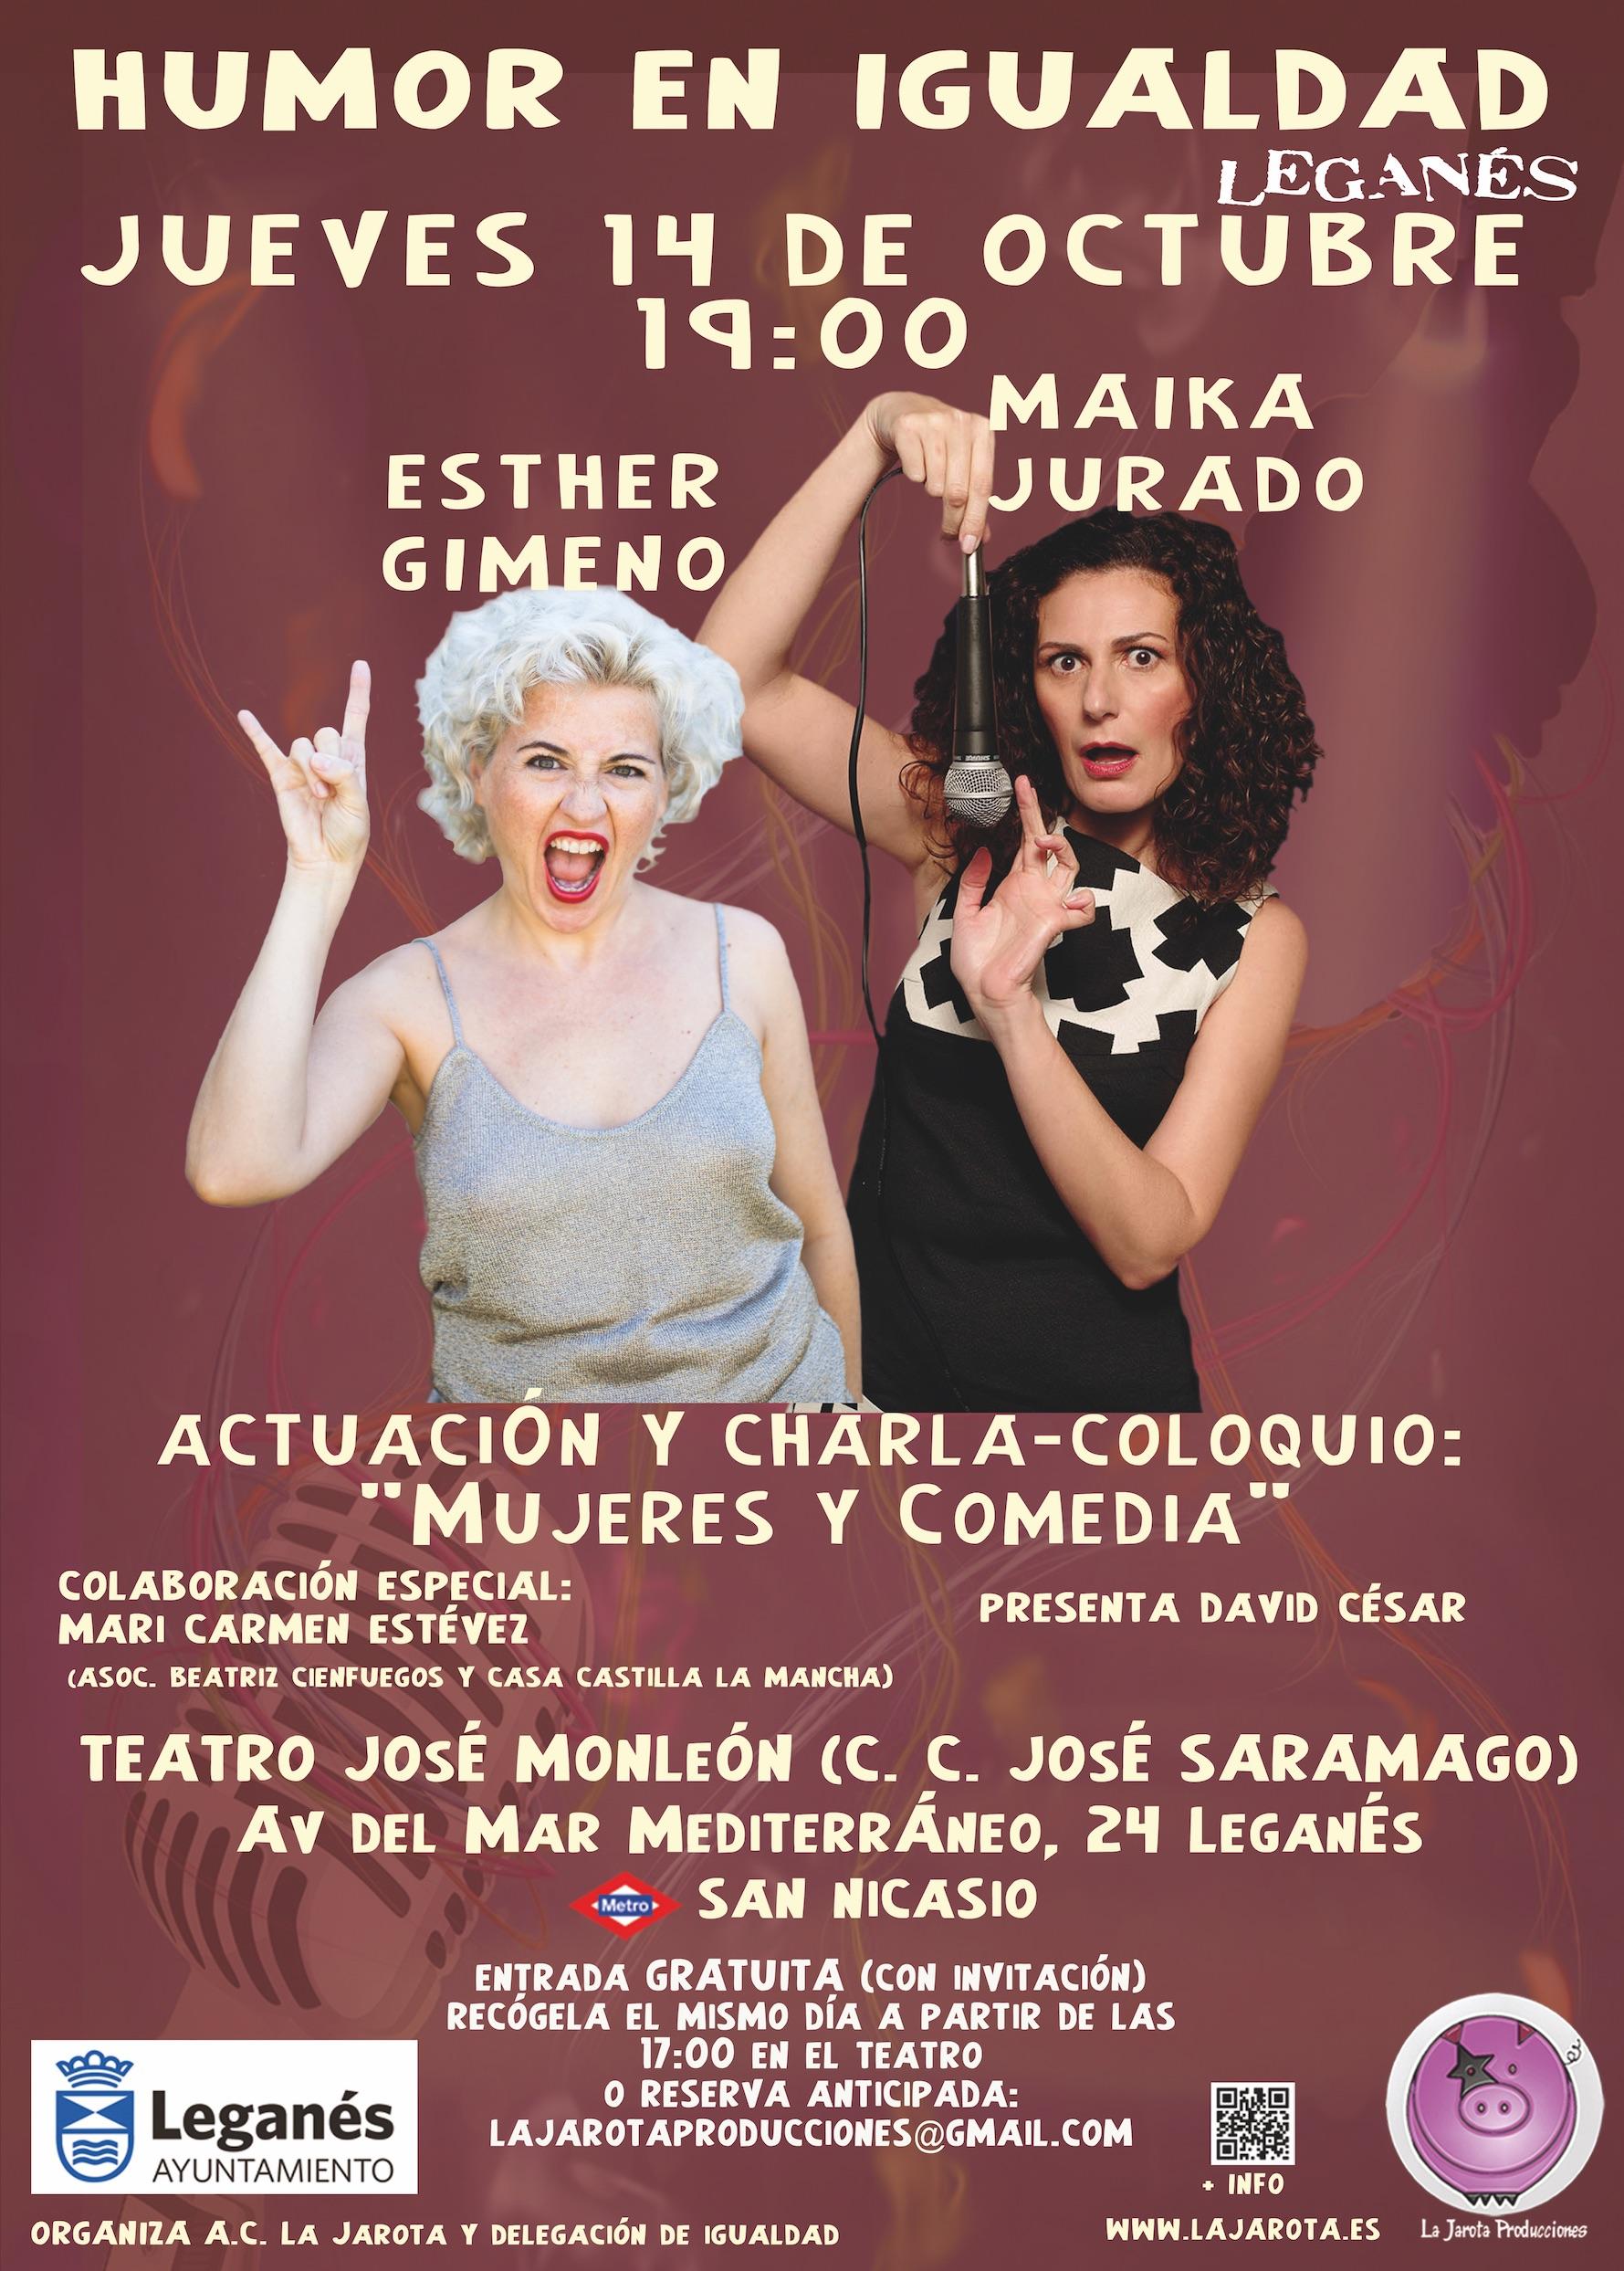 Humor en Igualdad en el Teatro José Monleón